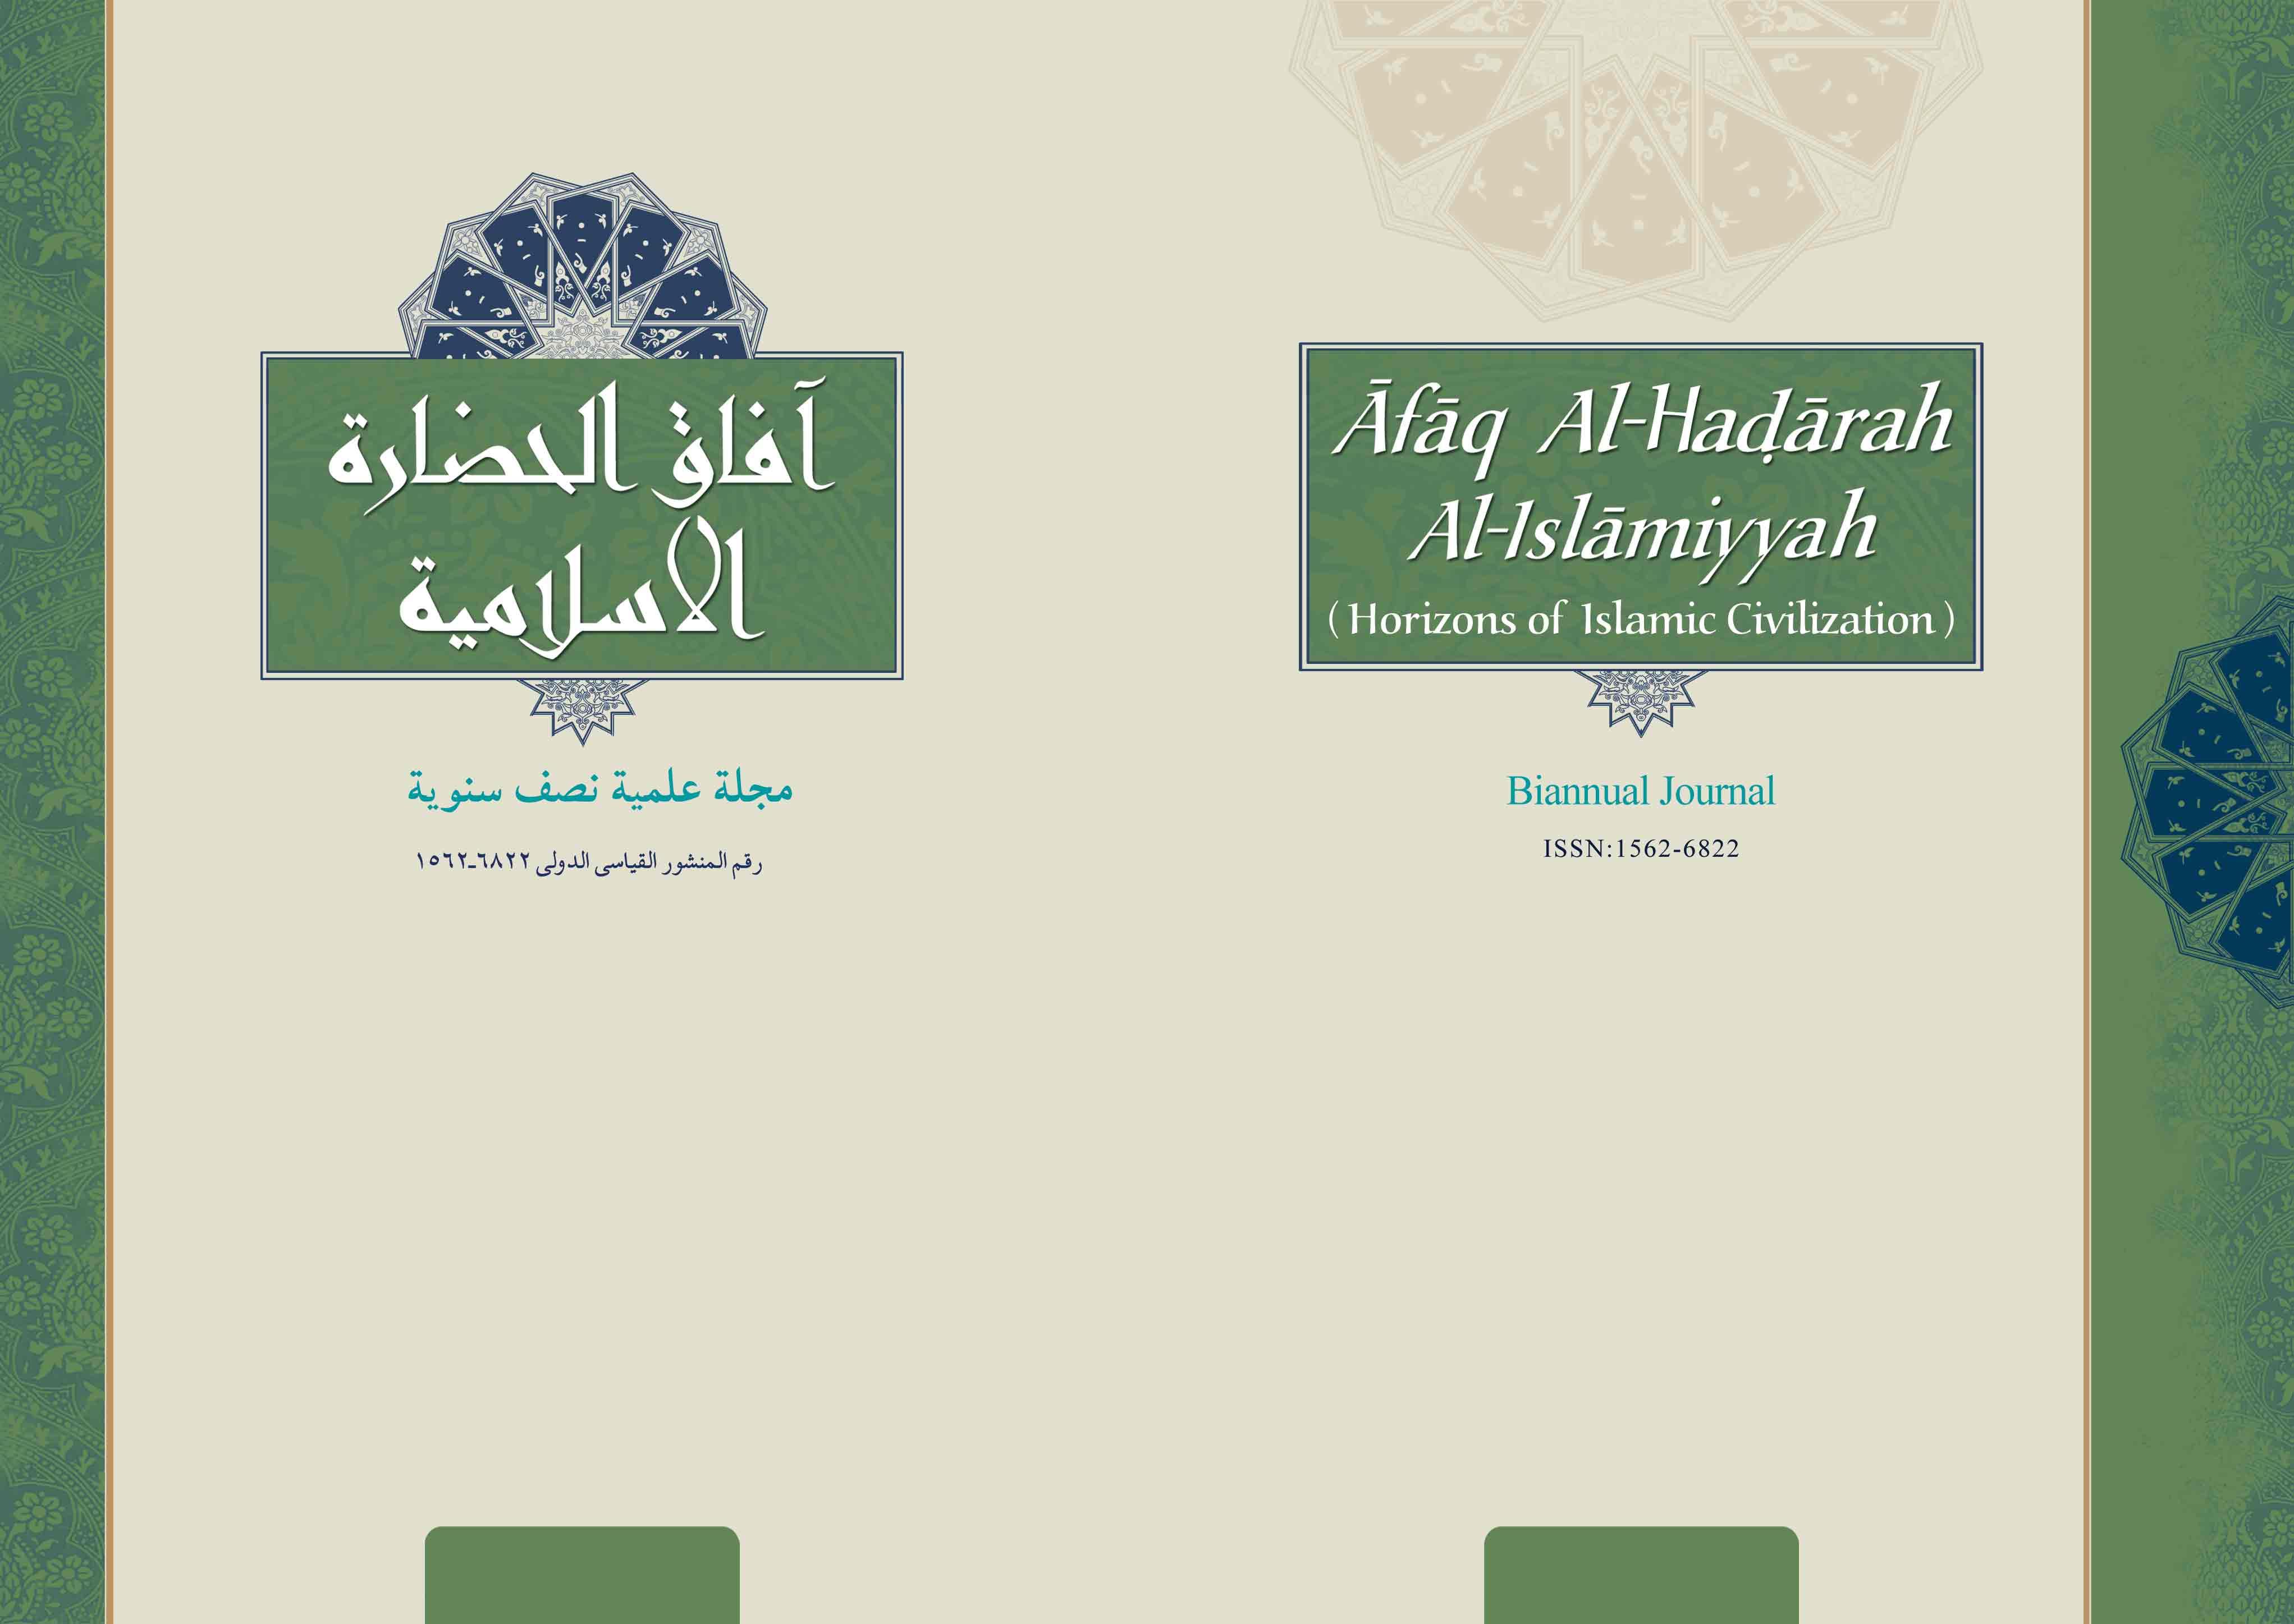 آفاق الحضارة الاسلامية